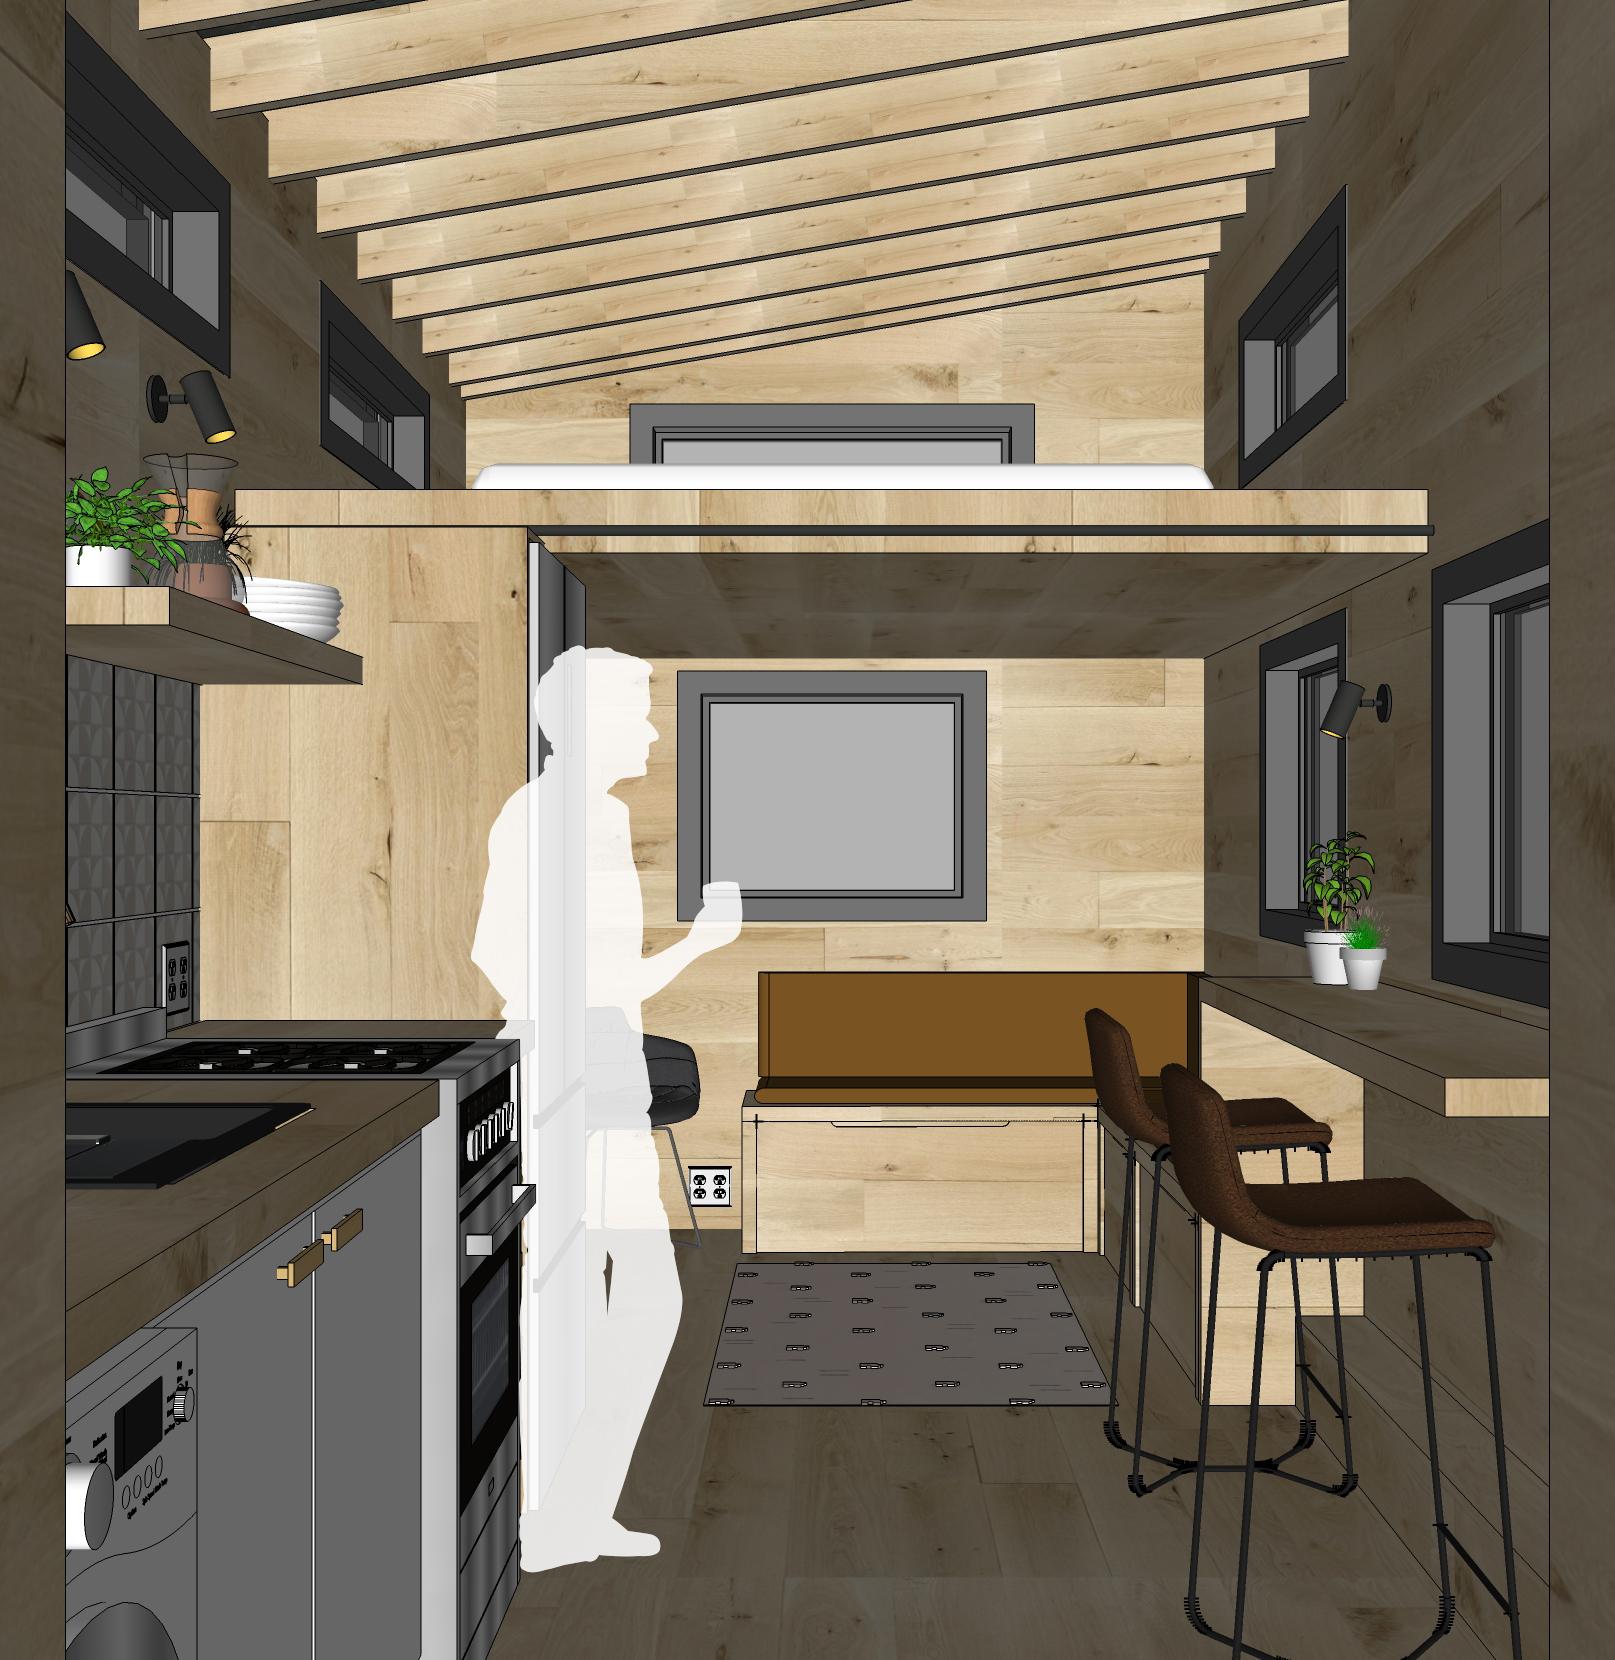 Tiny House Interior 1.jpg